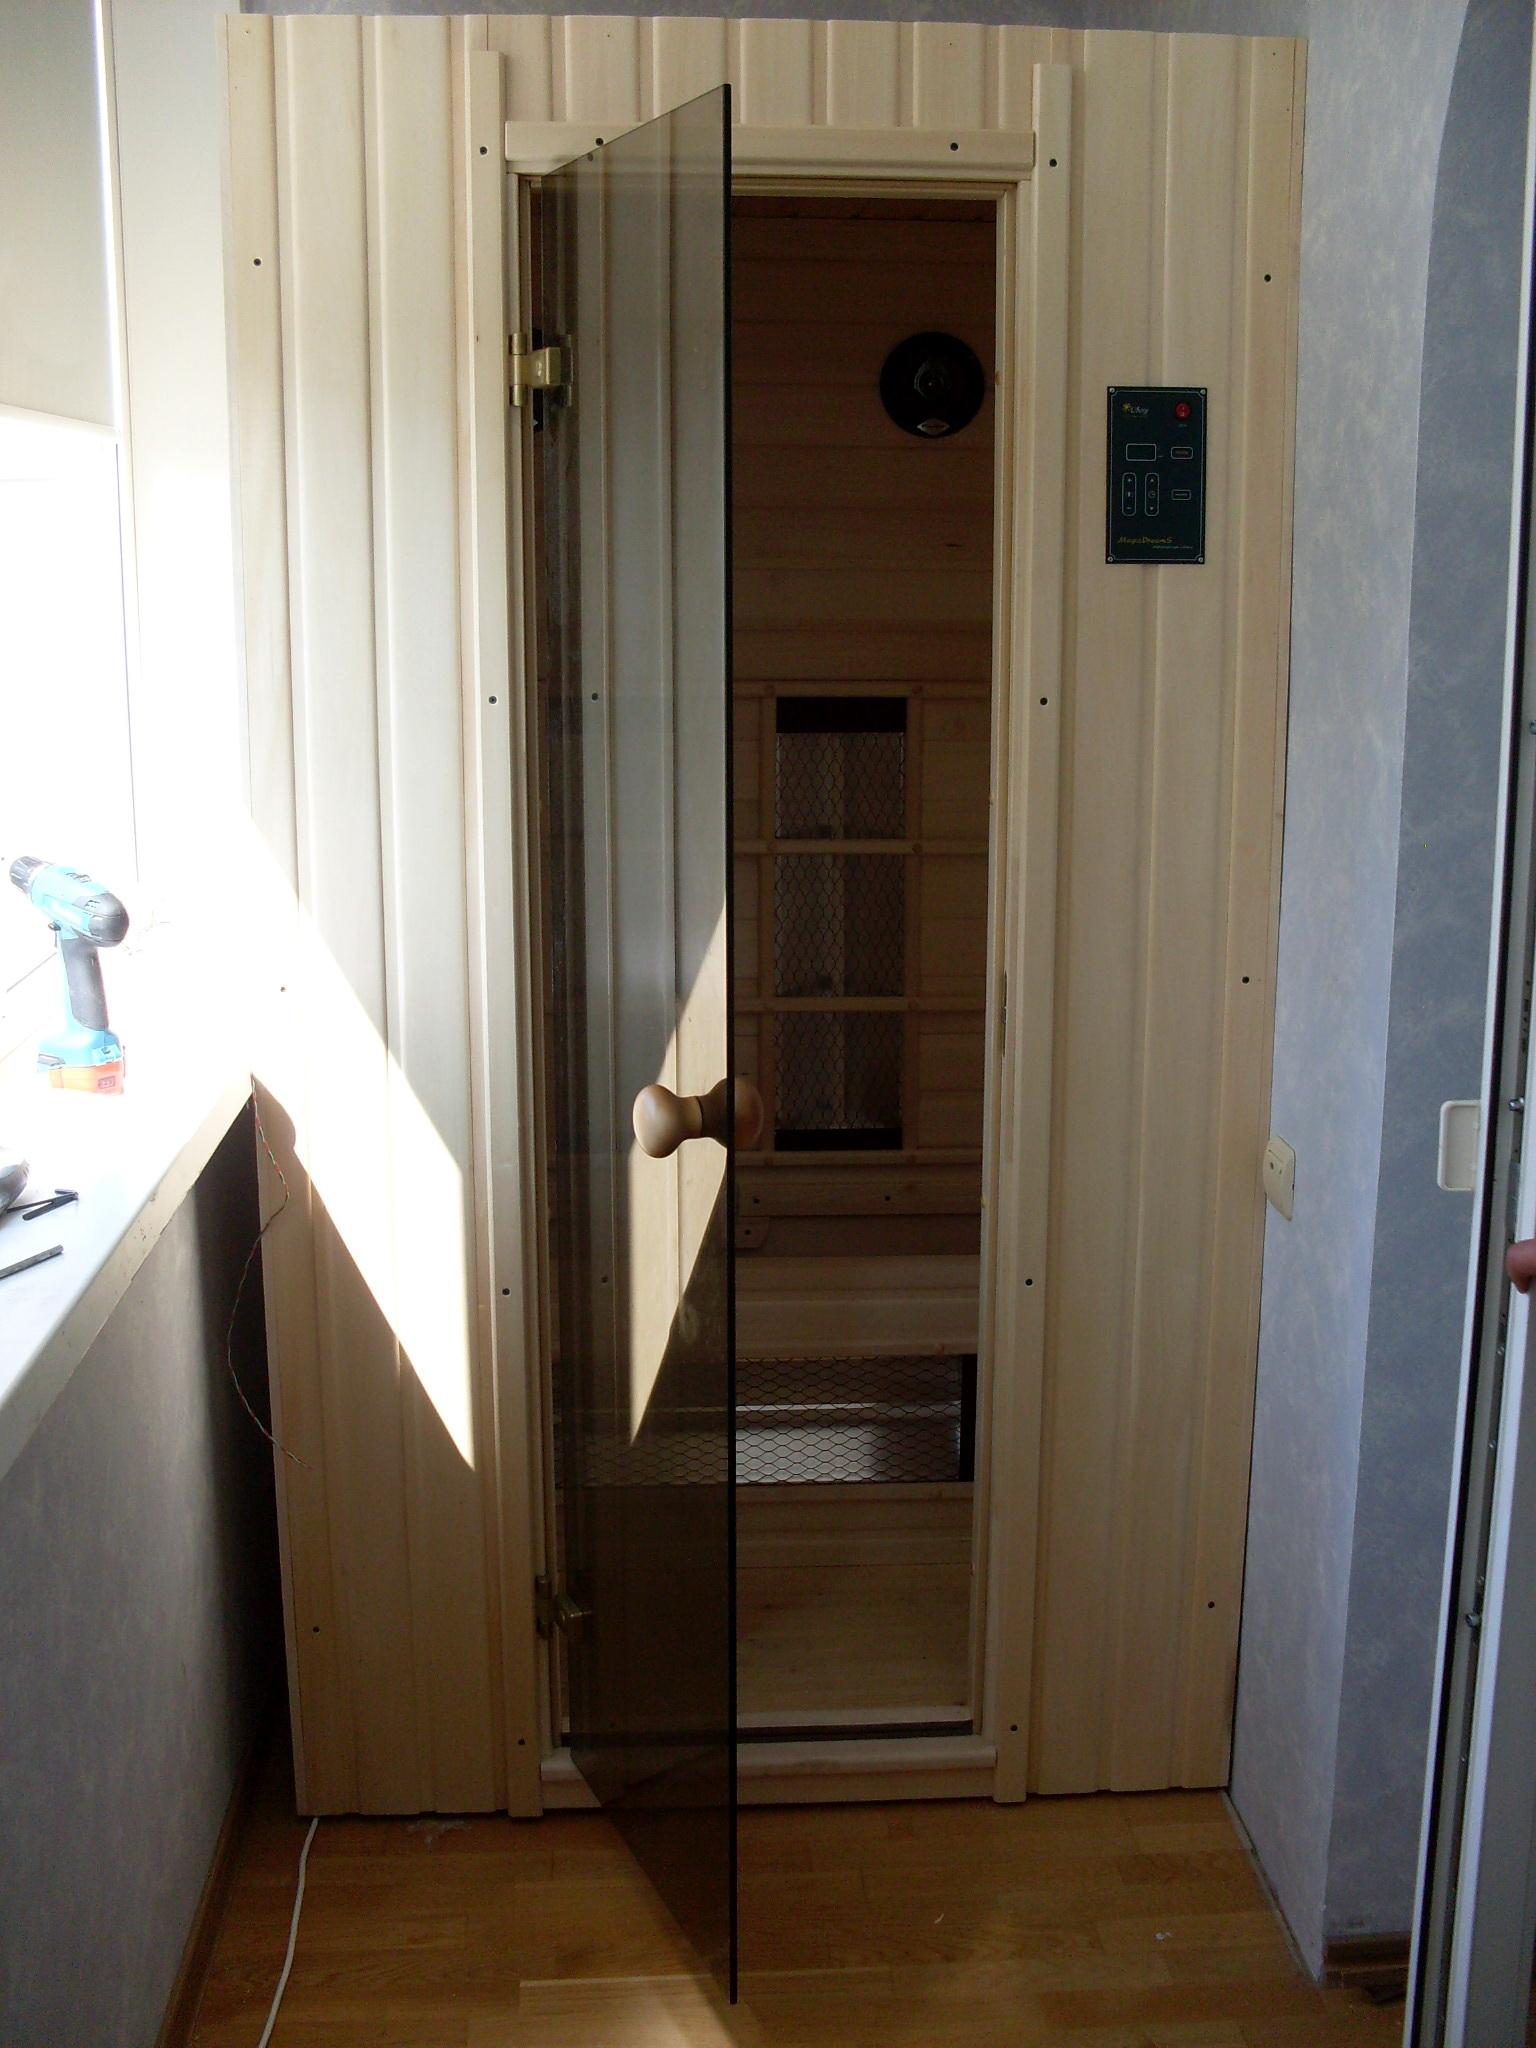 Construire Un Sauna Finlandais sauna sur le balcon (34 photos): comment faire un mini sauna